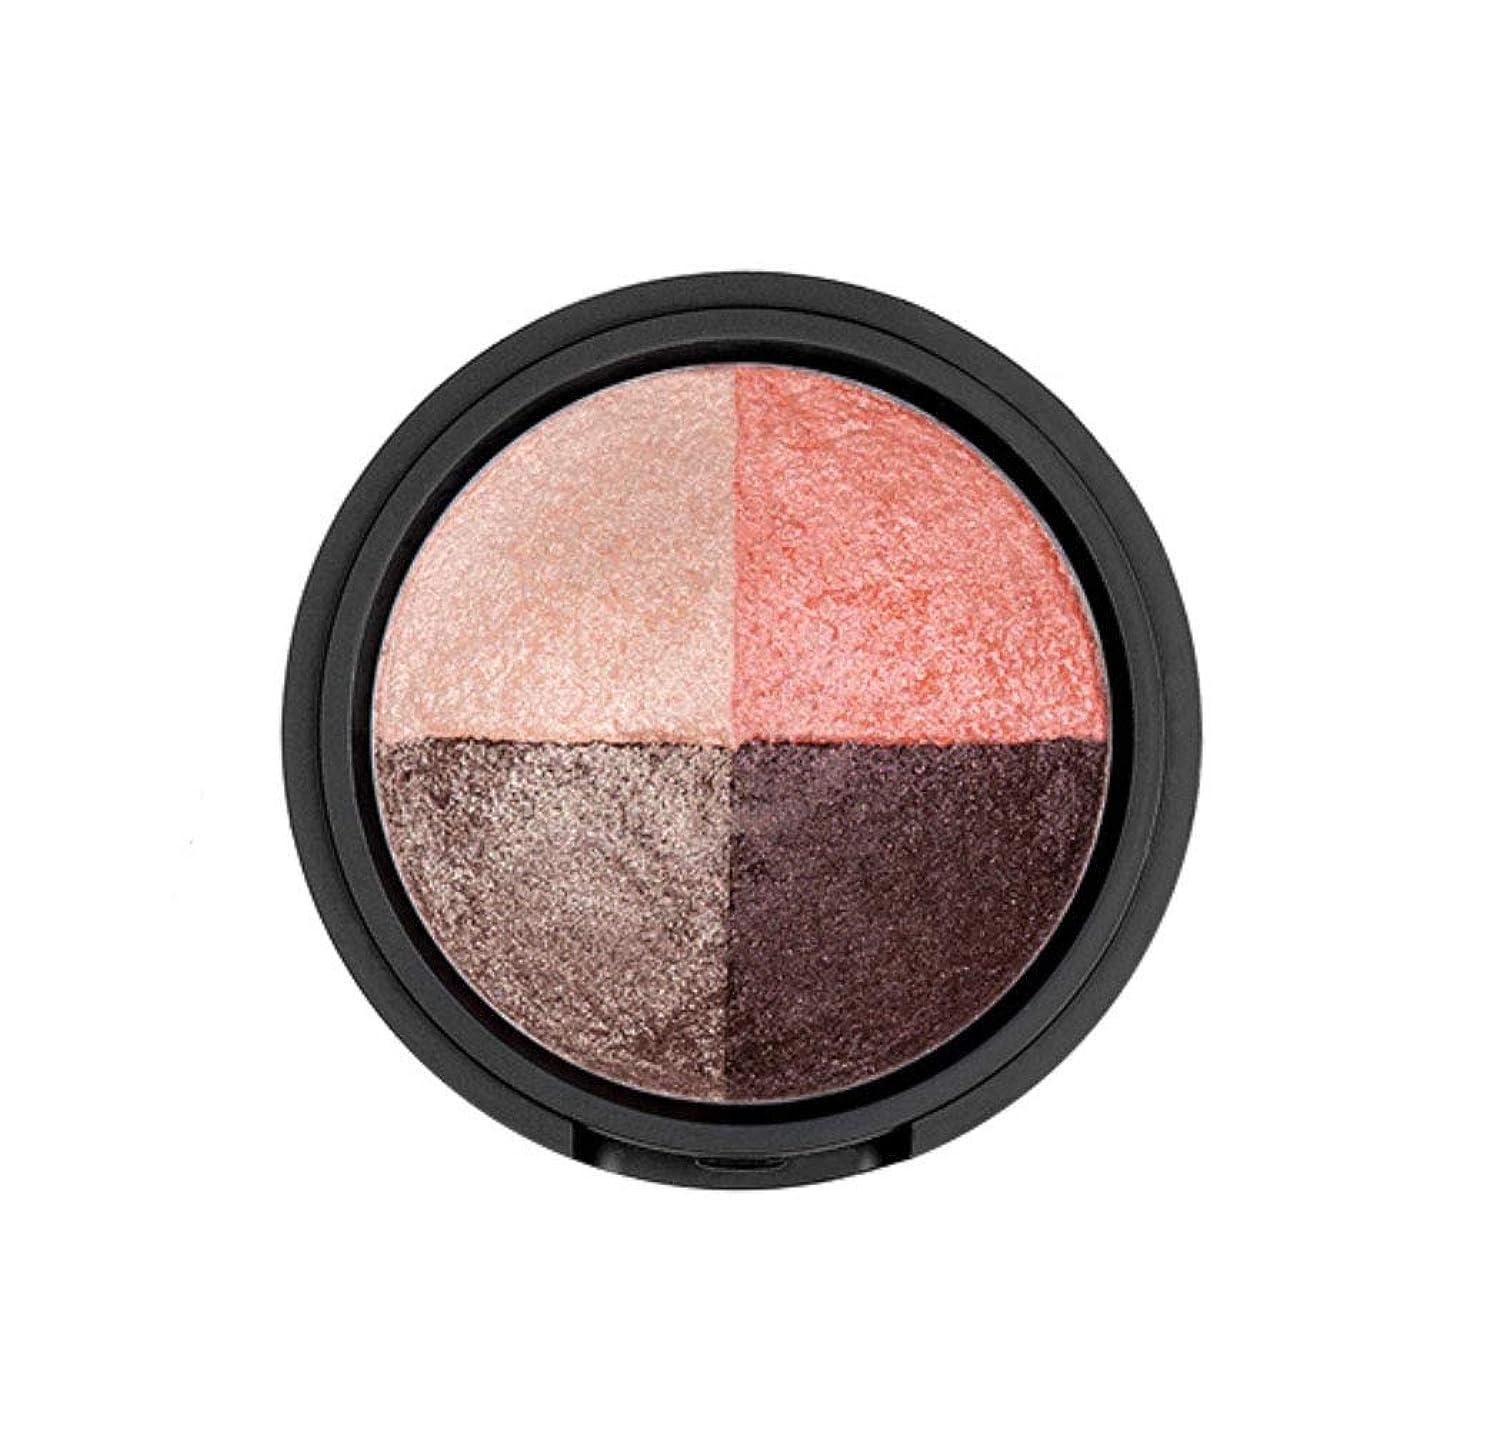 成功した脚本家滑りやすいWAKEMAKE Eye Styler Eyeshadow 4色のアイシャドウパレット#2 ROMANTICO(並行輸入品)